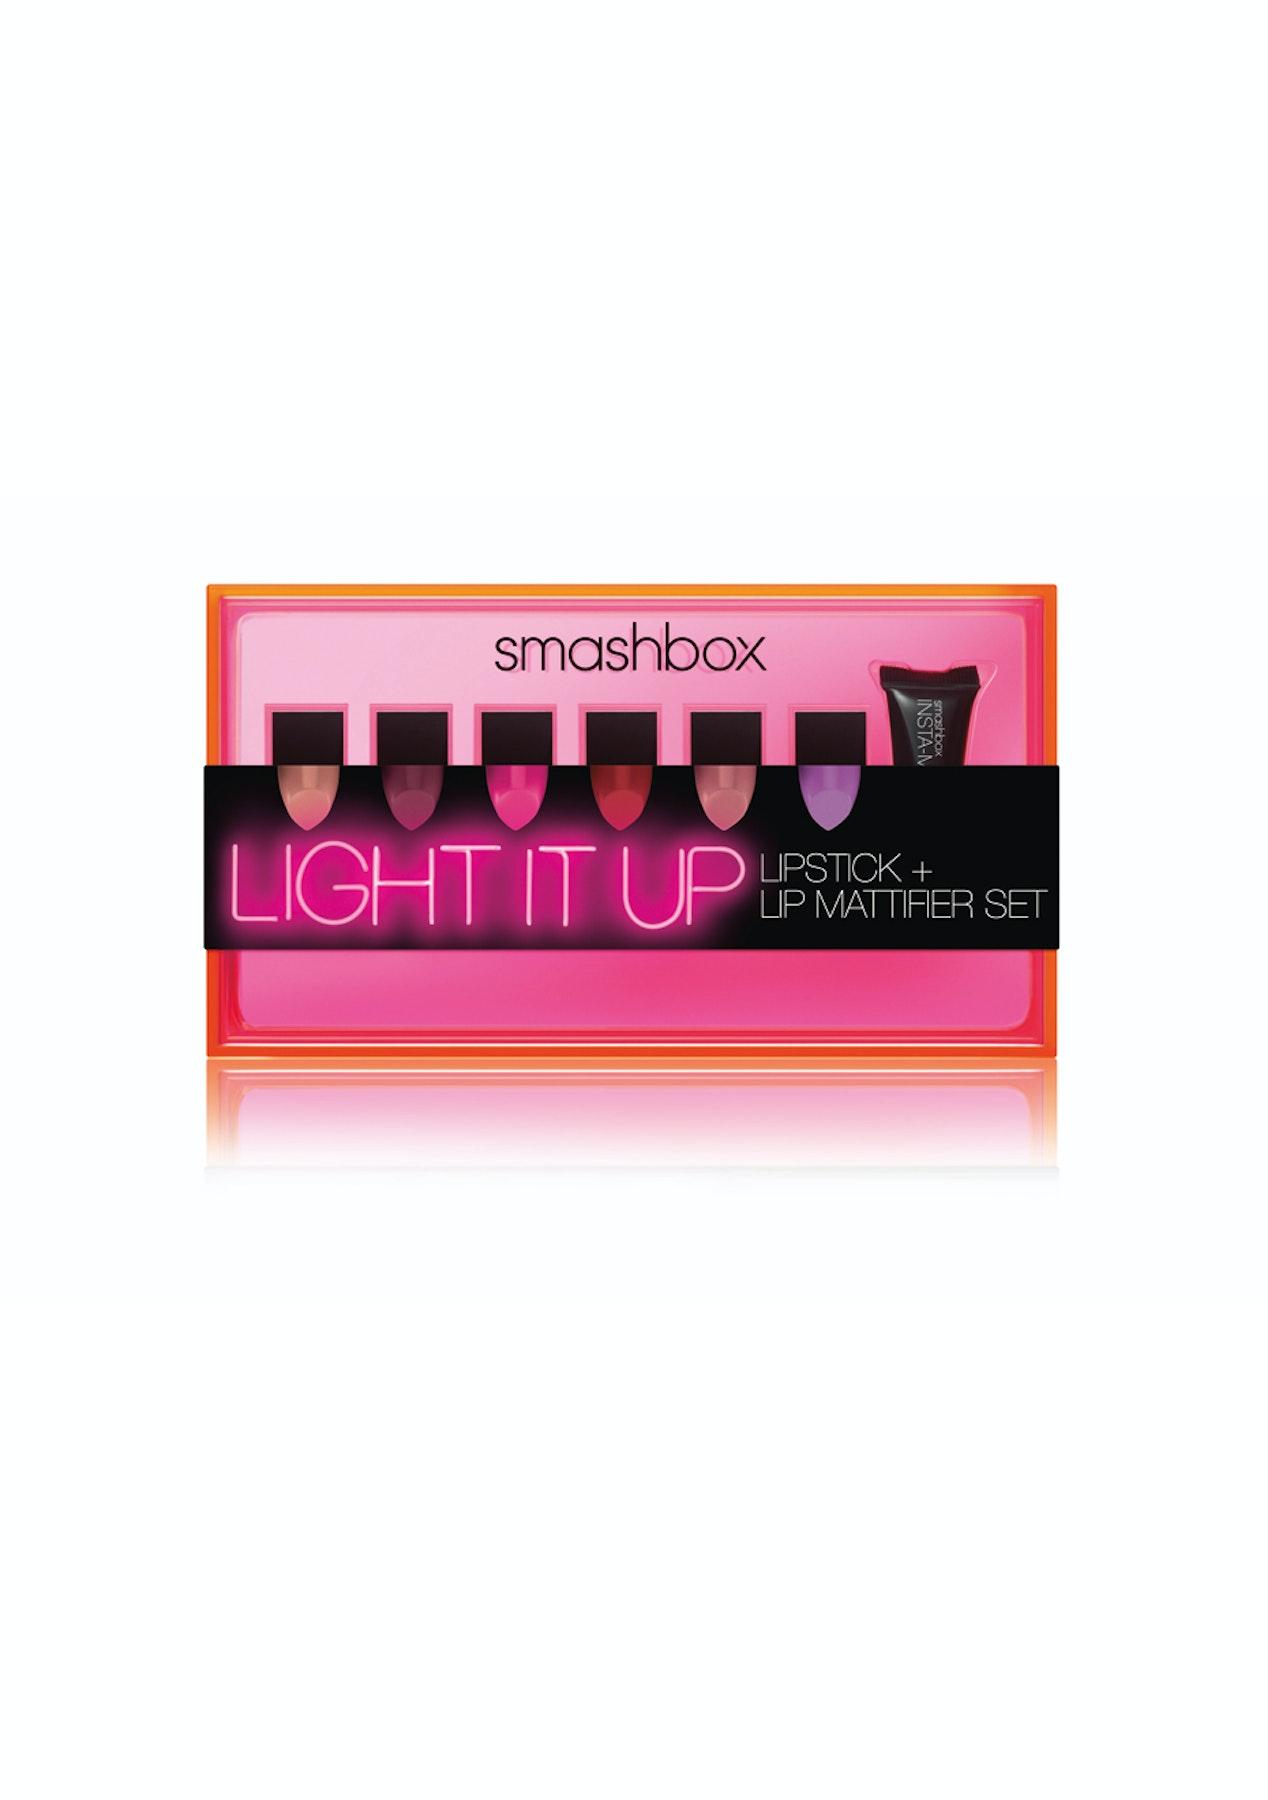 Smashbox Light It Up Lipstick And Lip Mattifier Set Be Legendary Matte Palettelimited Edition Contour Palette More Onceit